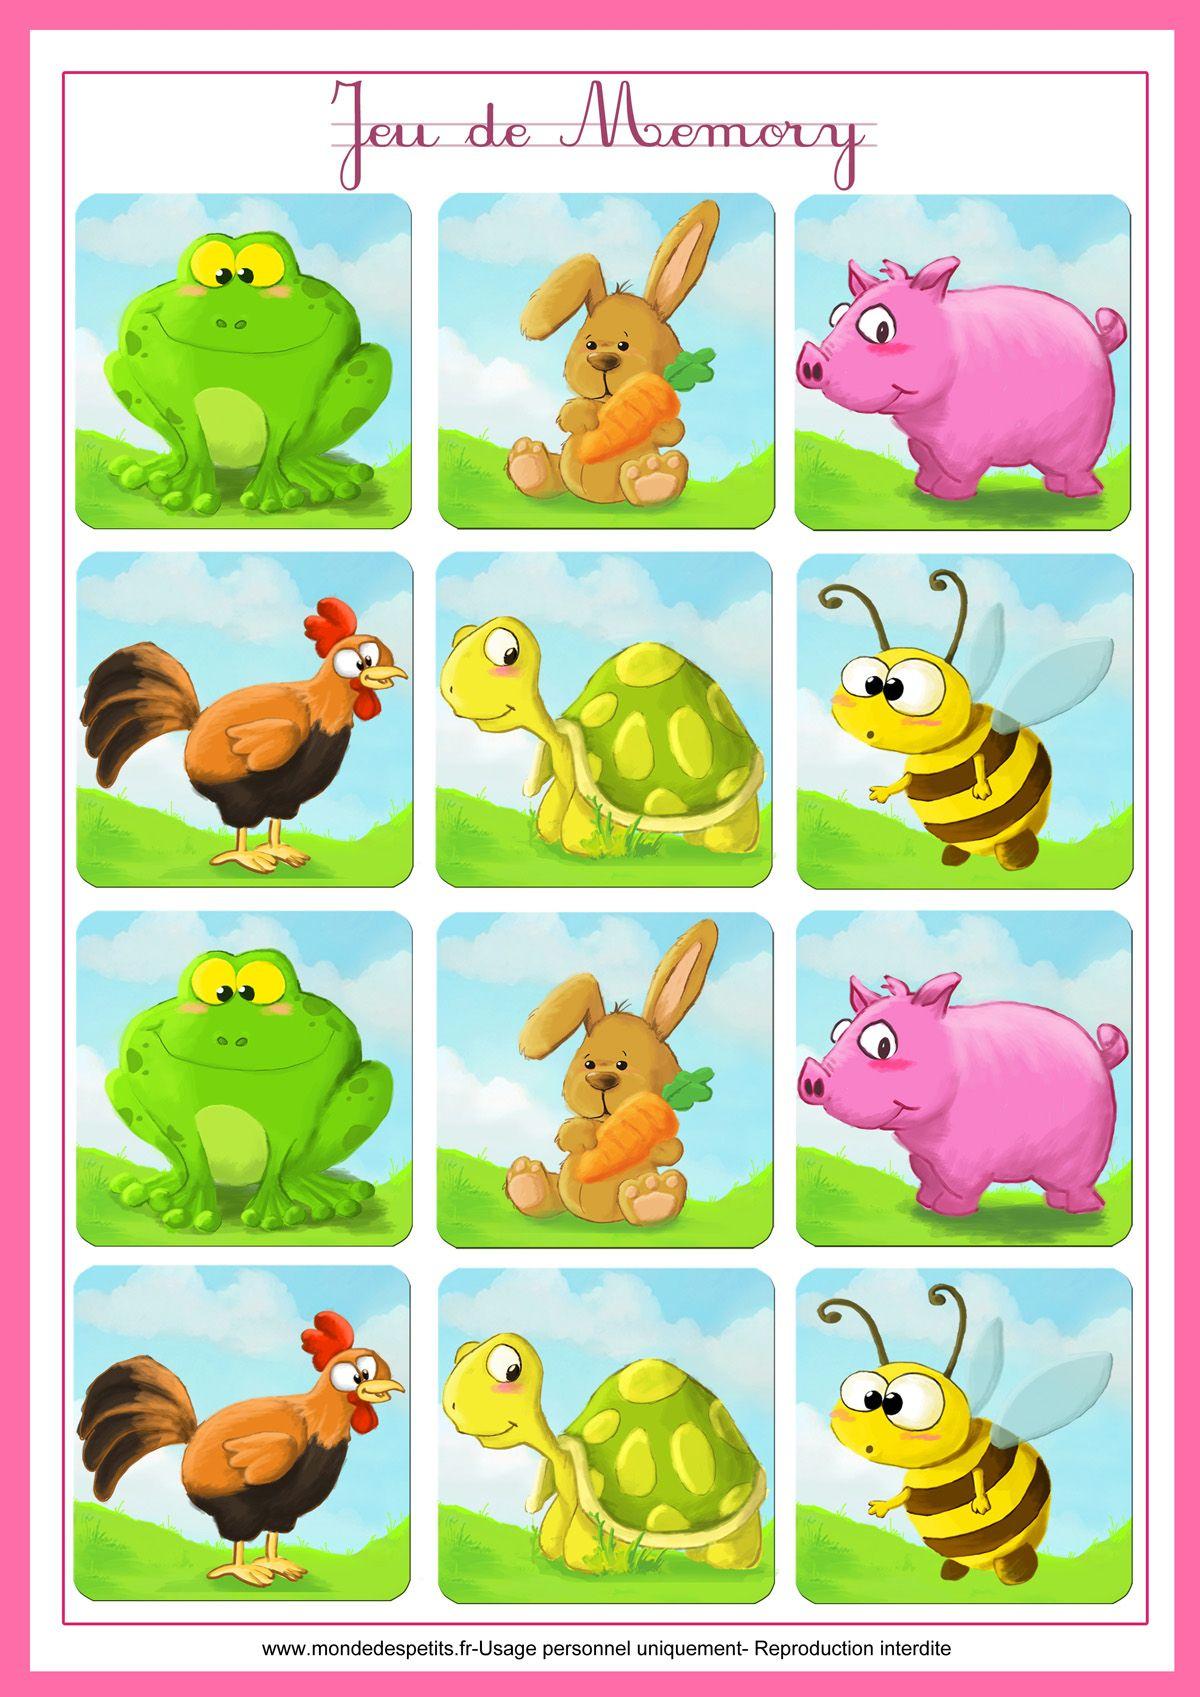 Jeu-Memory-Animaux-Imprimer 1 200×1 697 Пикс | Jeu De concernant Jeux Animaux Enfant